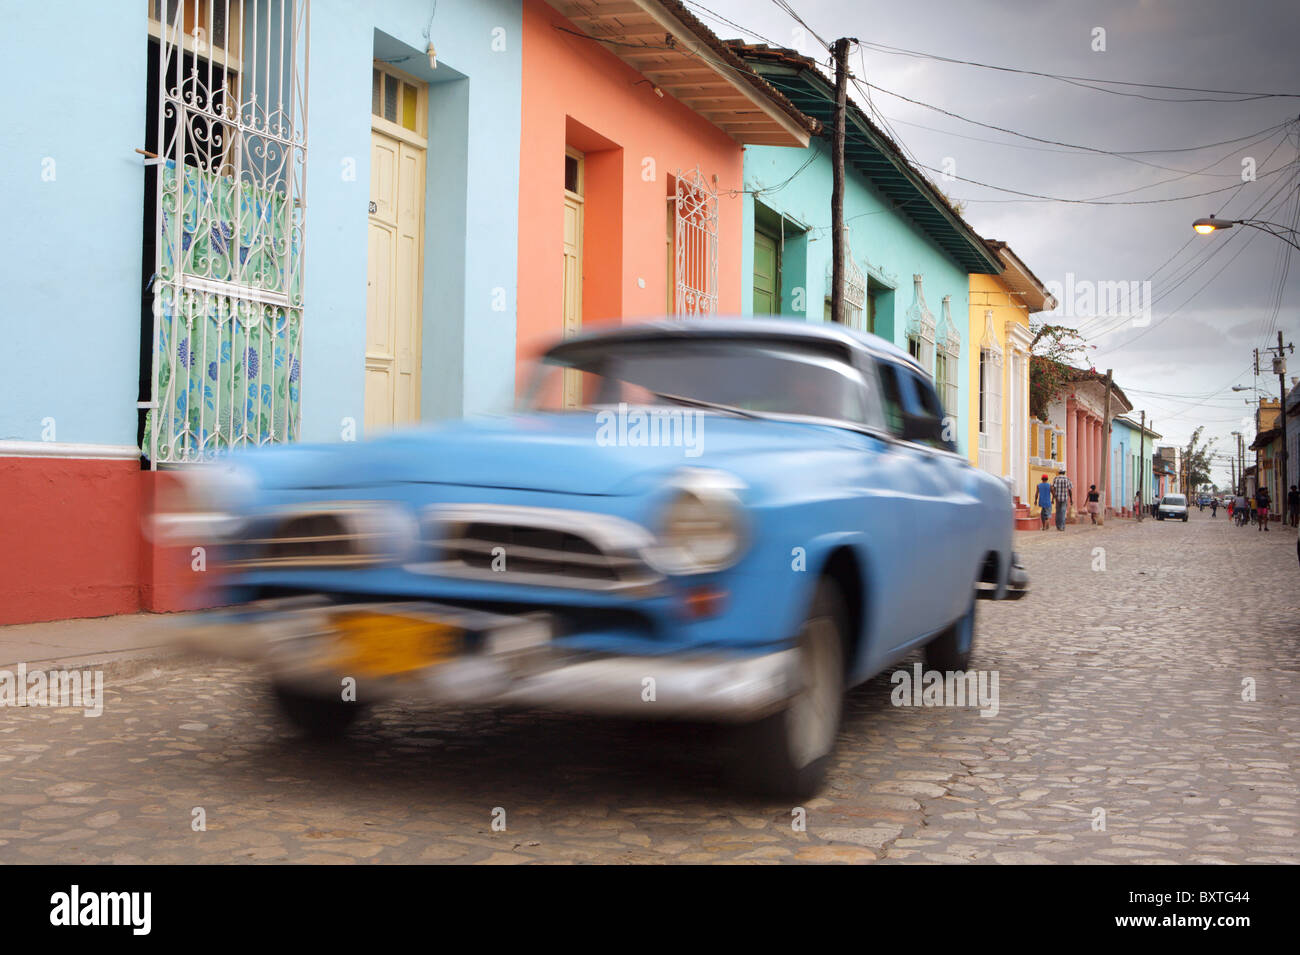 TRINIDAD: coche clásico en la colorida calle colonial Imagen De Stock